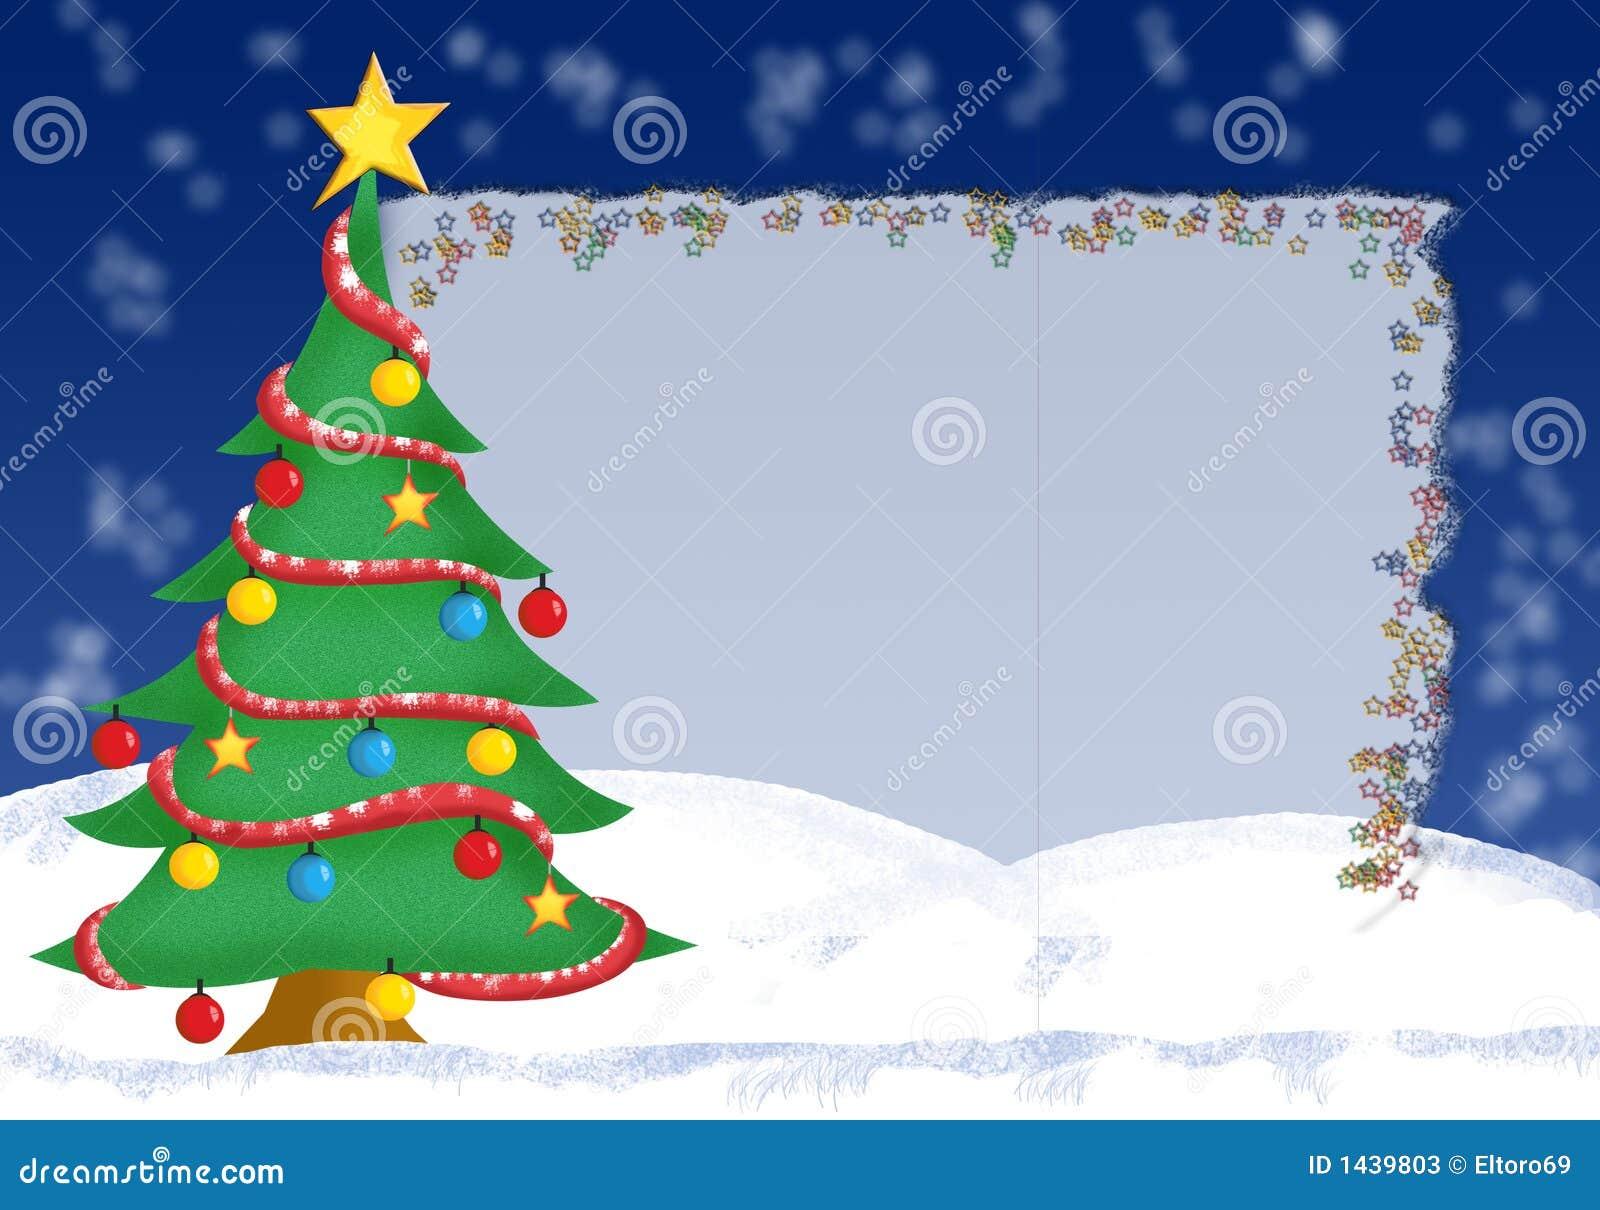 Tarjeta de felicitaci n de la navidad formato a memoria - Tarjetas felicitacion navidad ...